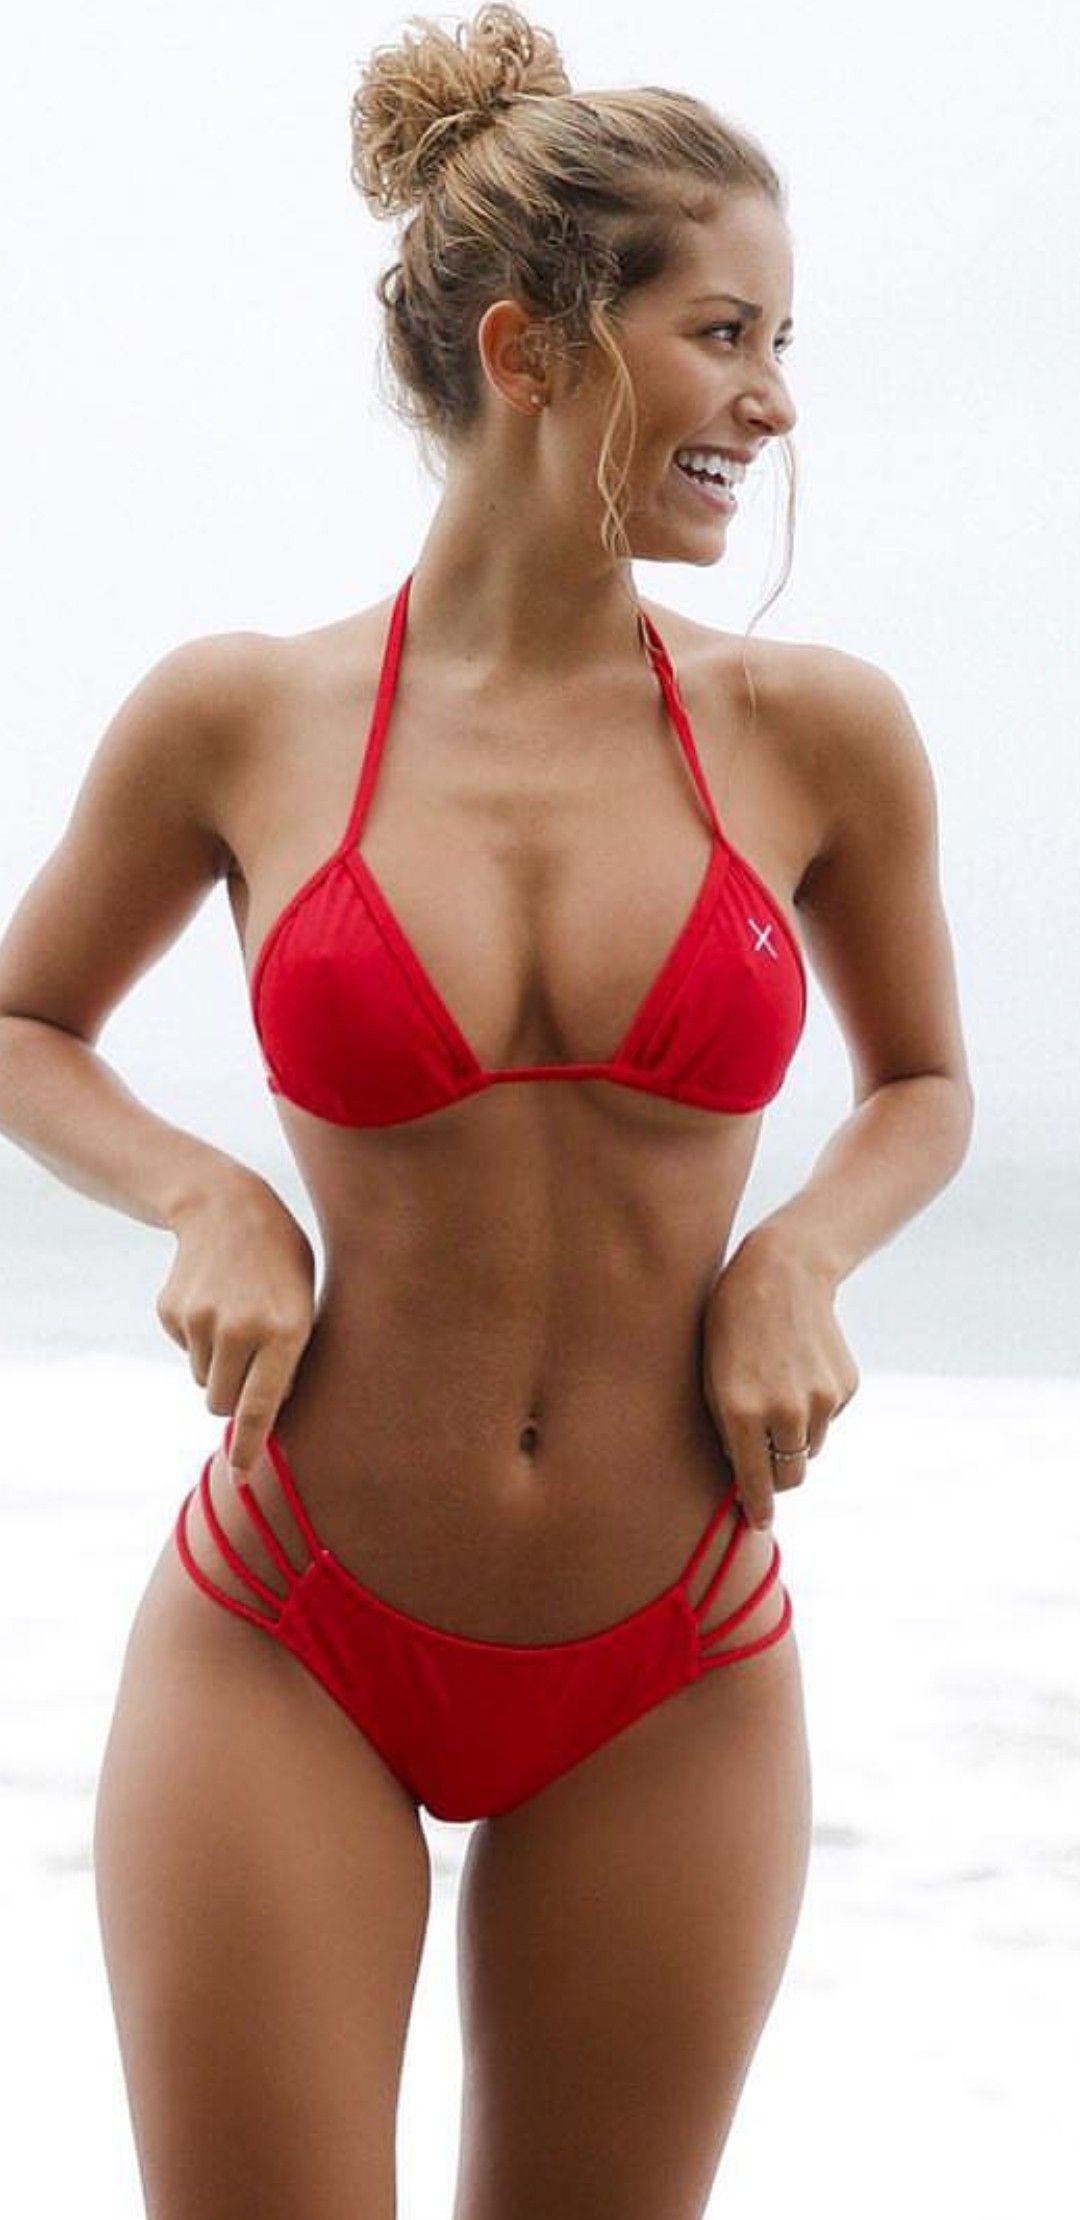 62d06077 Bikini Style | Ting å ha på seg i 2019 | Blonde og Beautiful